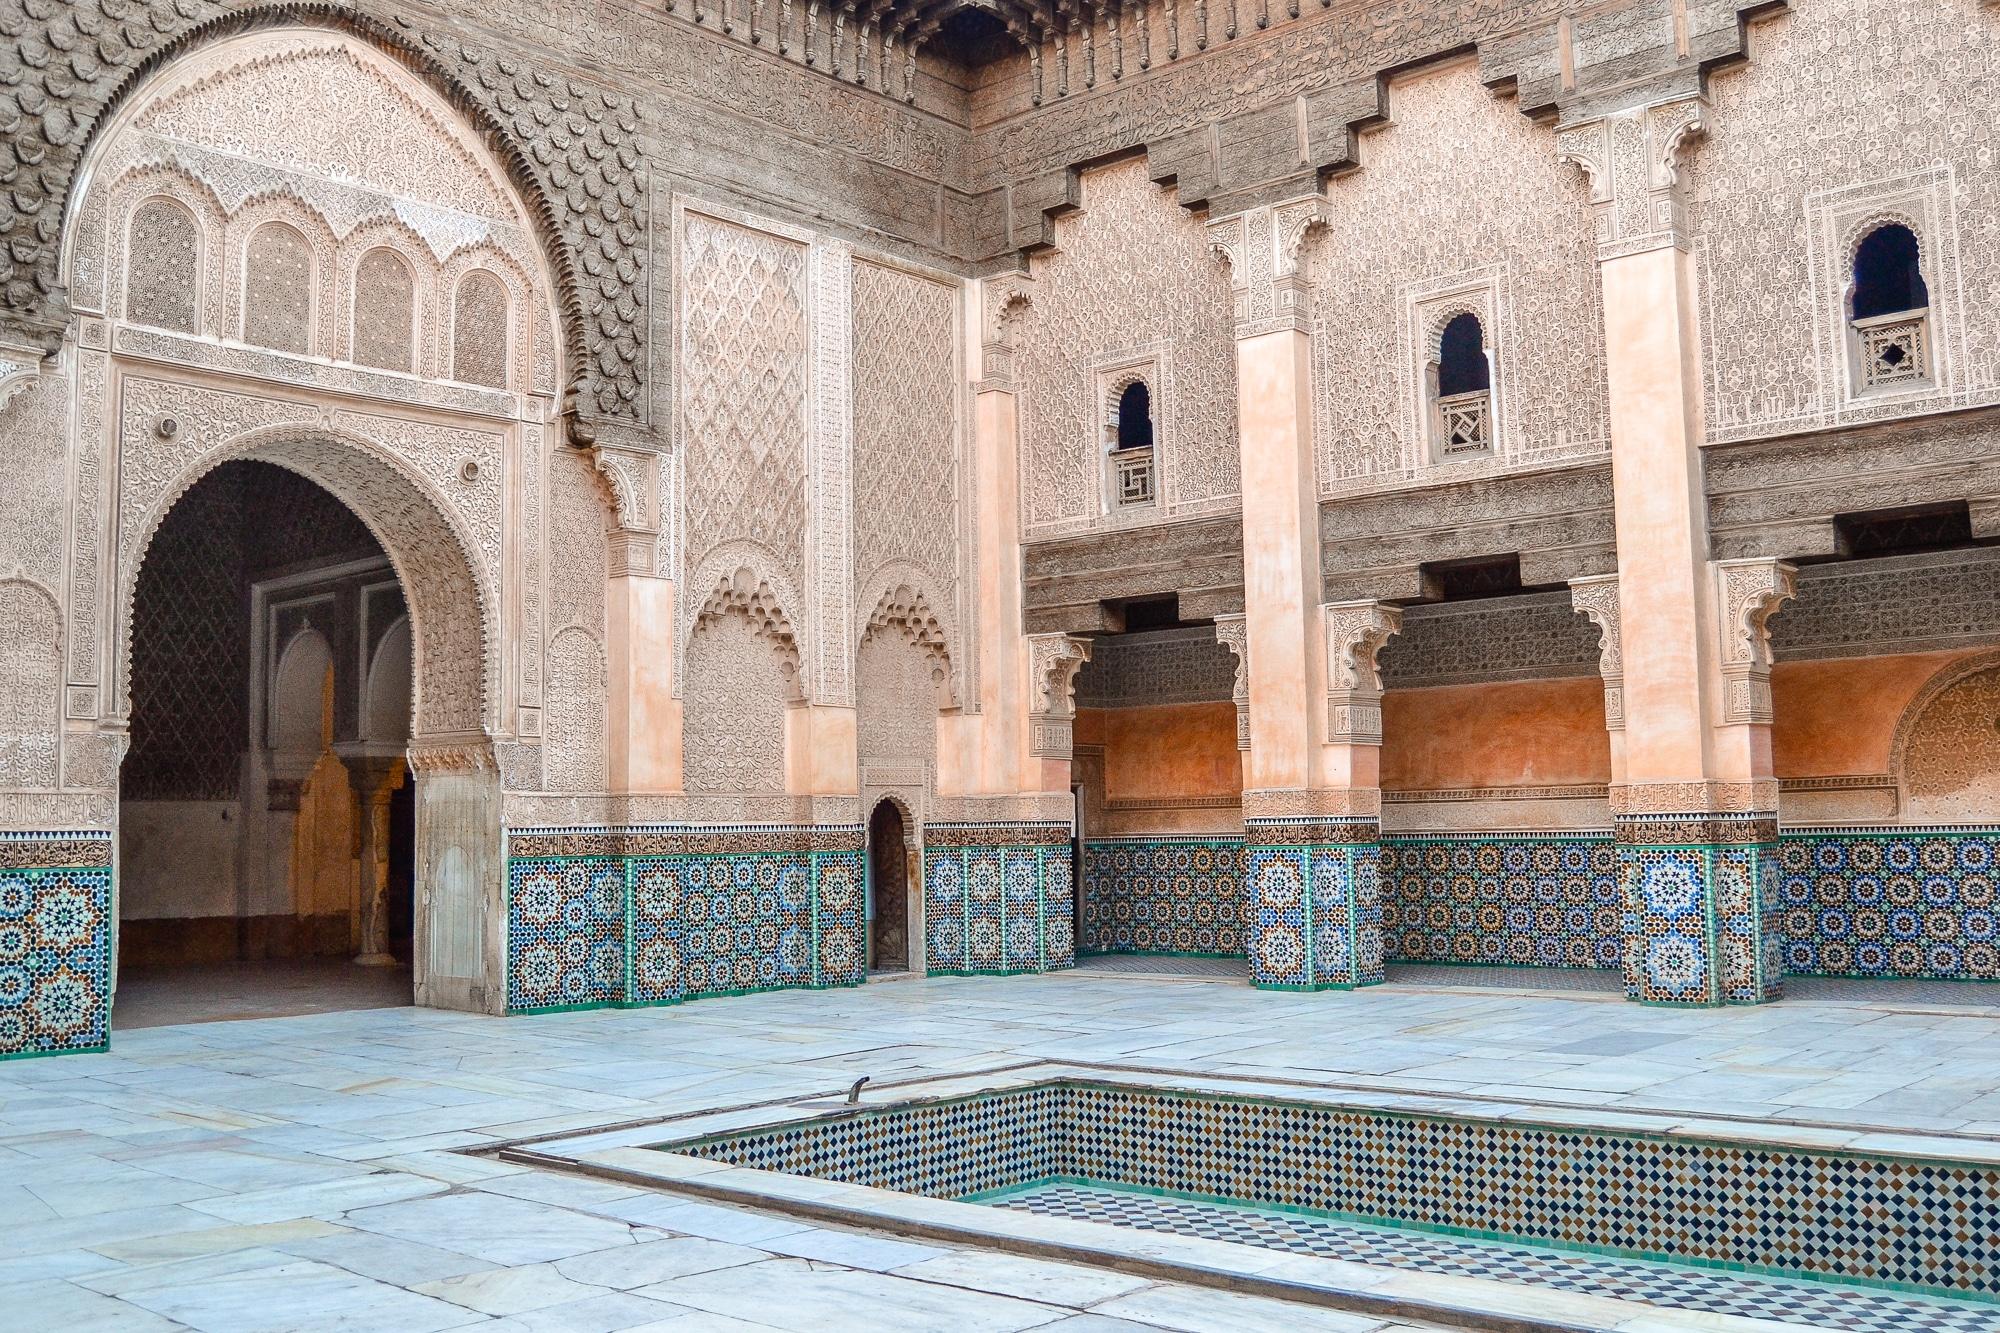 Top Ten Marrakesch Sehenswürdigkeiten - meine Marrakesch Highlights: Medersa Ben Youssef